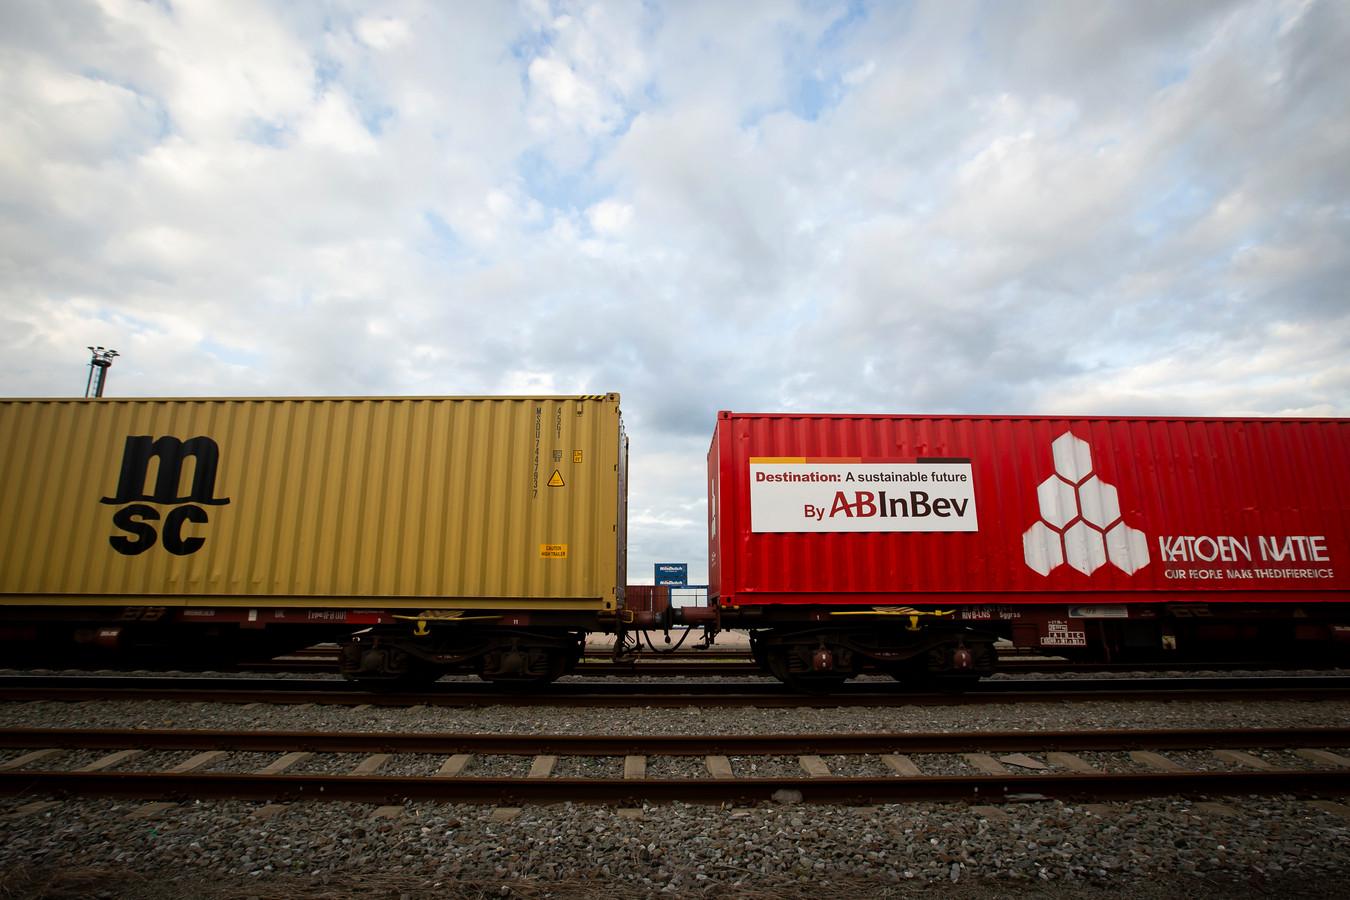 Deze foto uit 2019 laat een 'biertrein' zien tijdens het feestelijk begin van een nieuwe treinverbinding van AB Inbev in de haven van Antwerpen.  AB Inbev werkt daarvoor onder meer samen met Lineas.